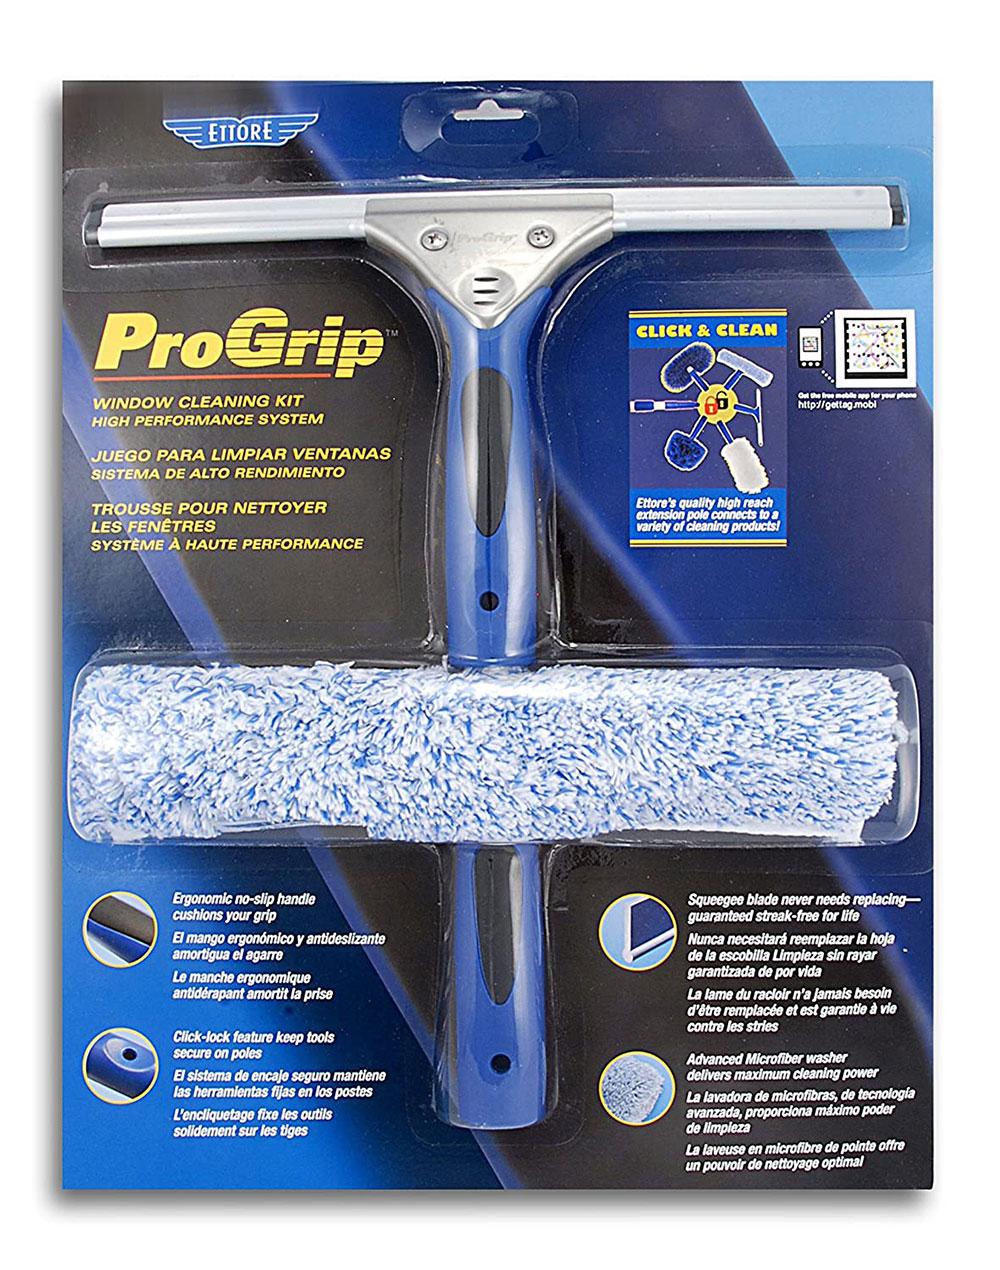 Ettore-65000-Professional-Window-Cleaning-Kit Les meilleurs outils de nettoyage de vitres à acheter pour un travail plus facile (réponse)